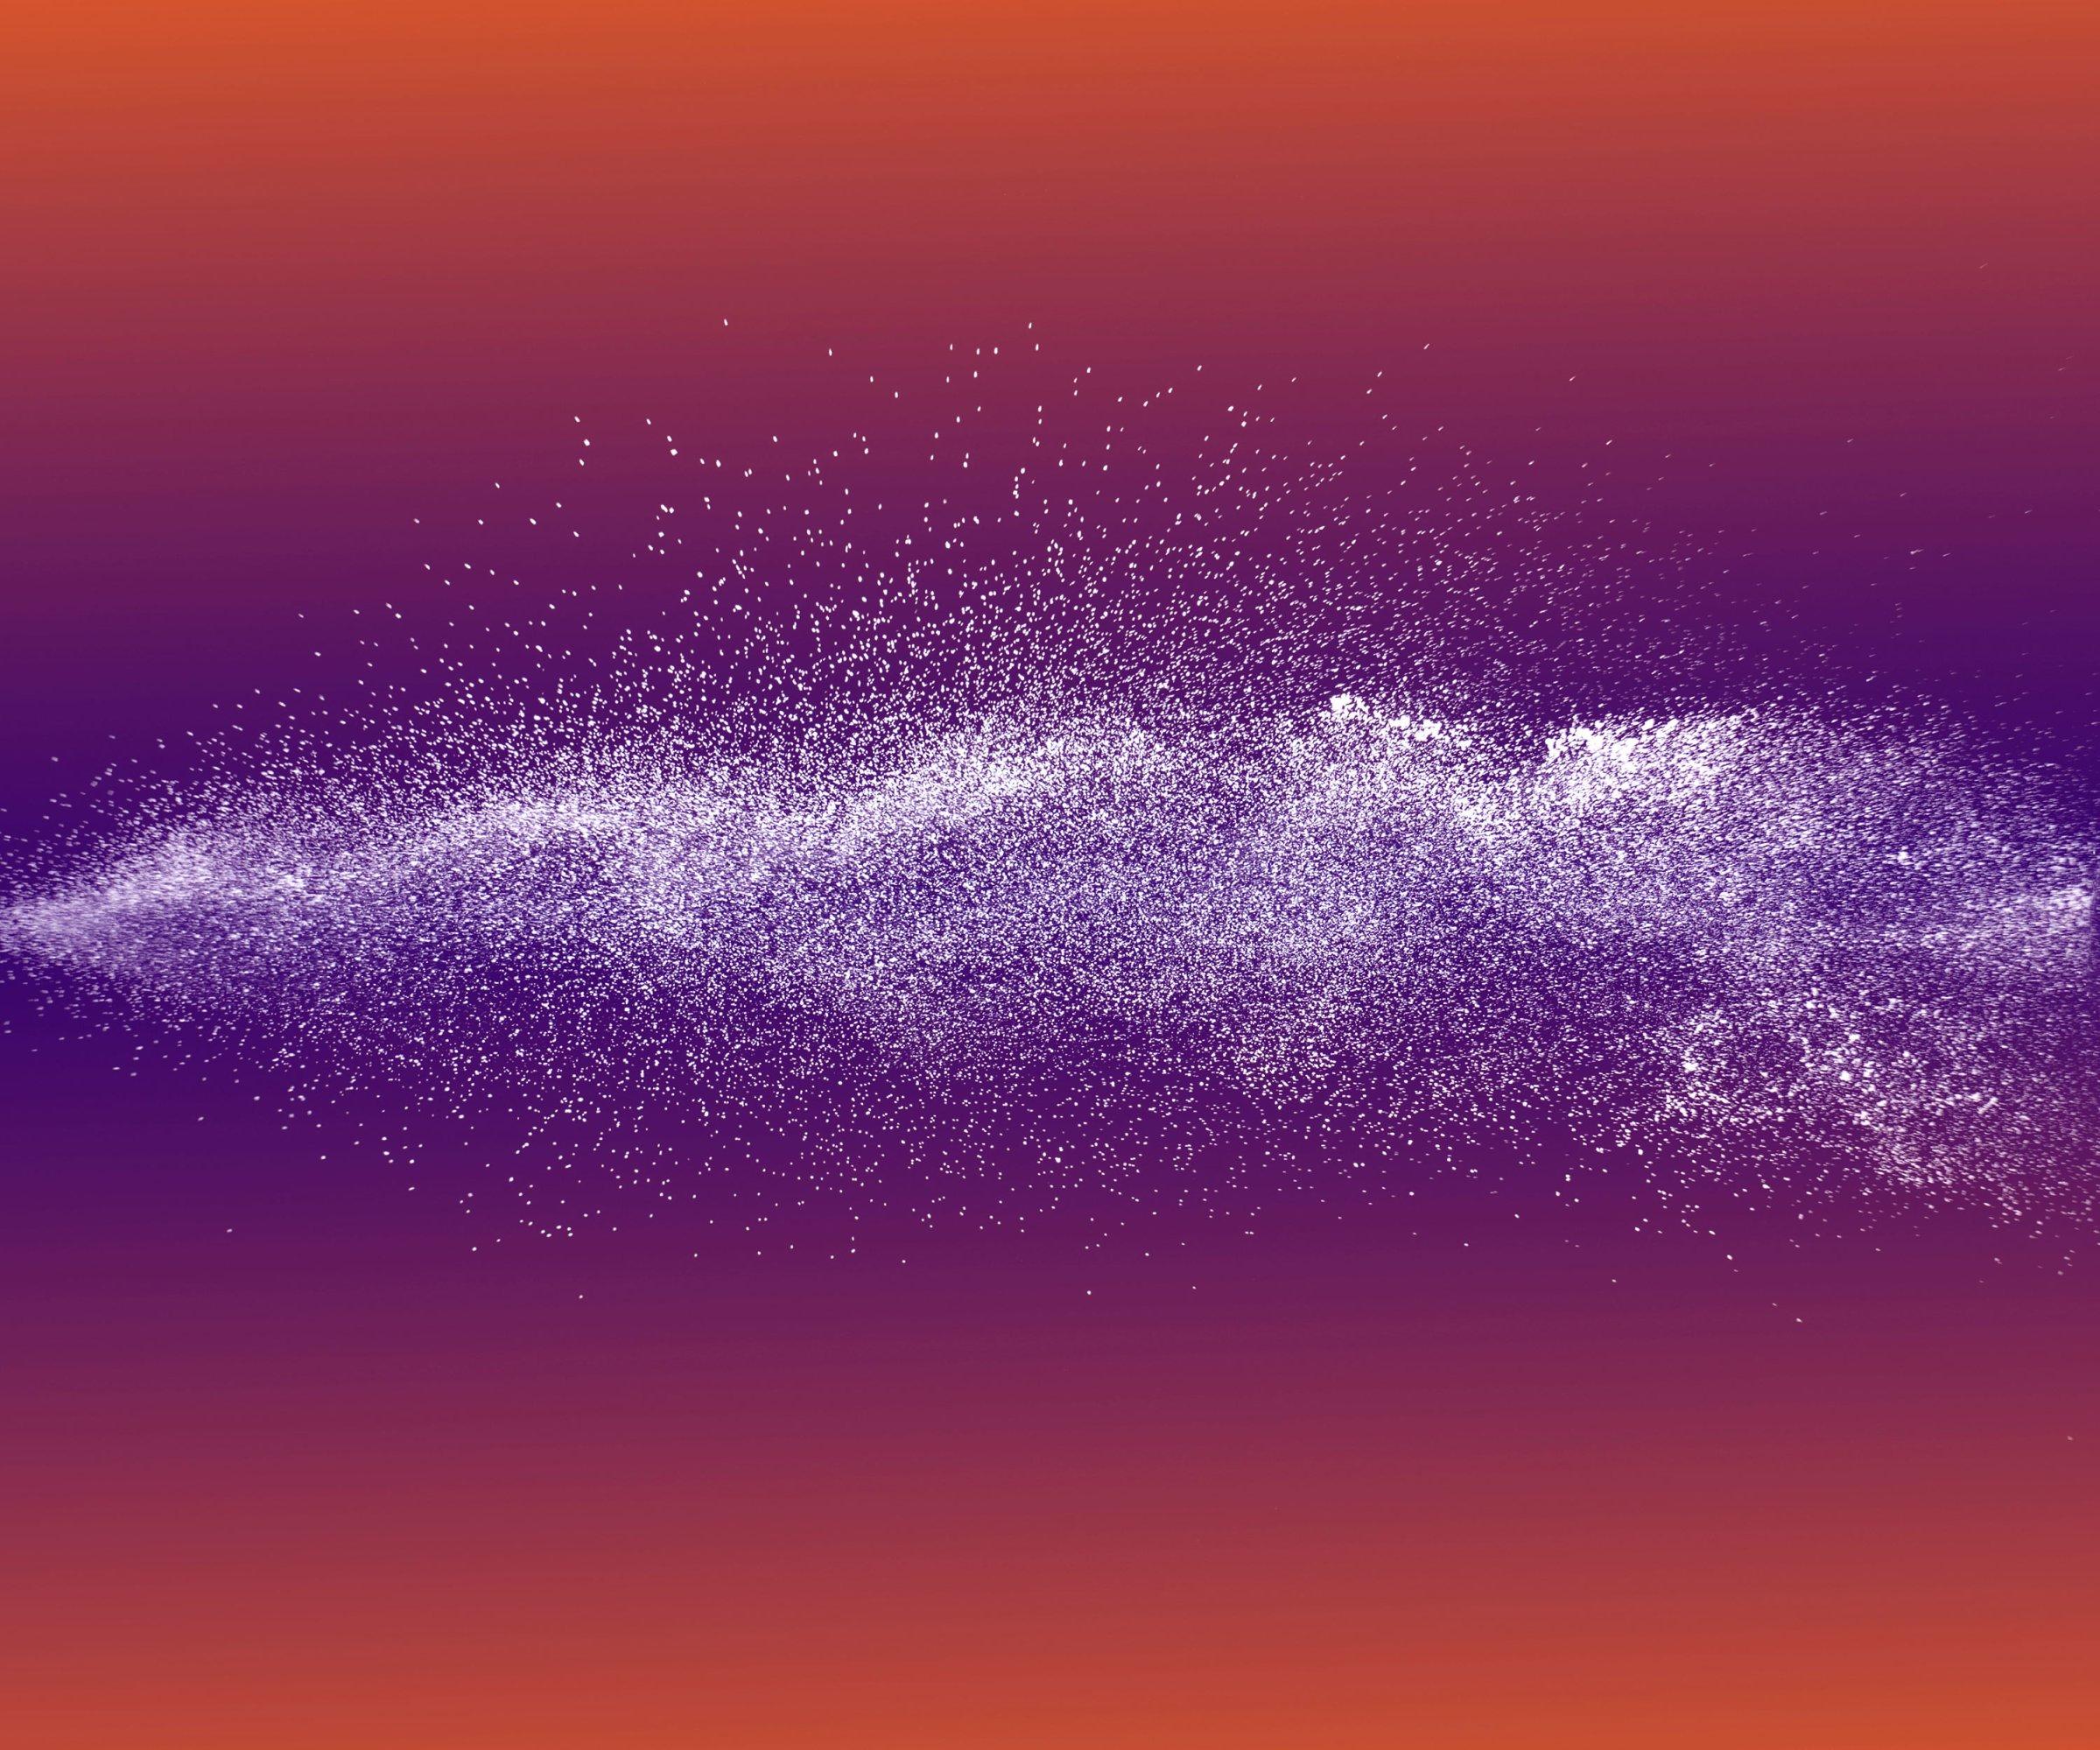 airborne particles